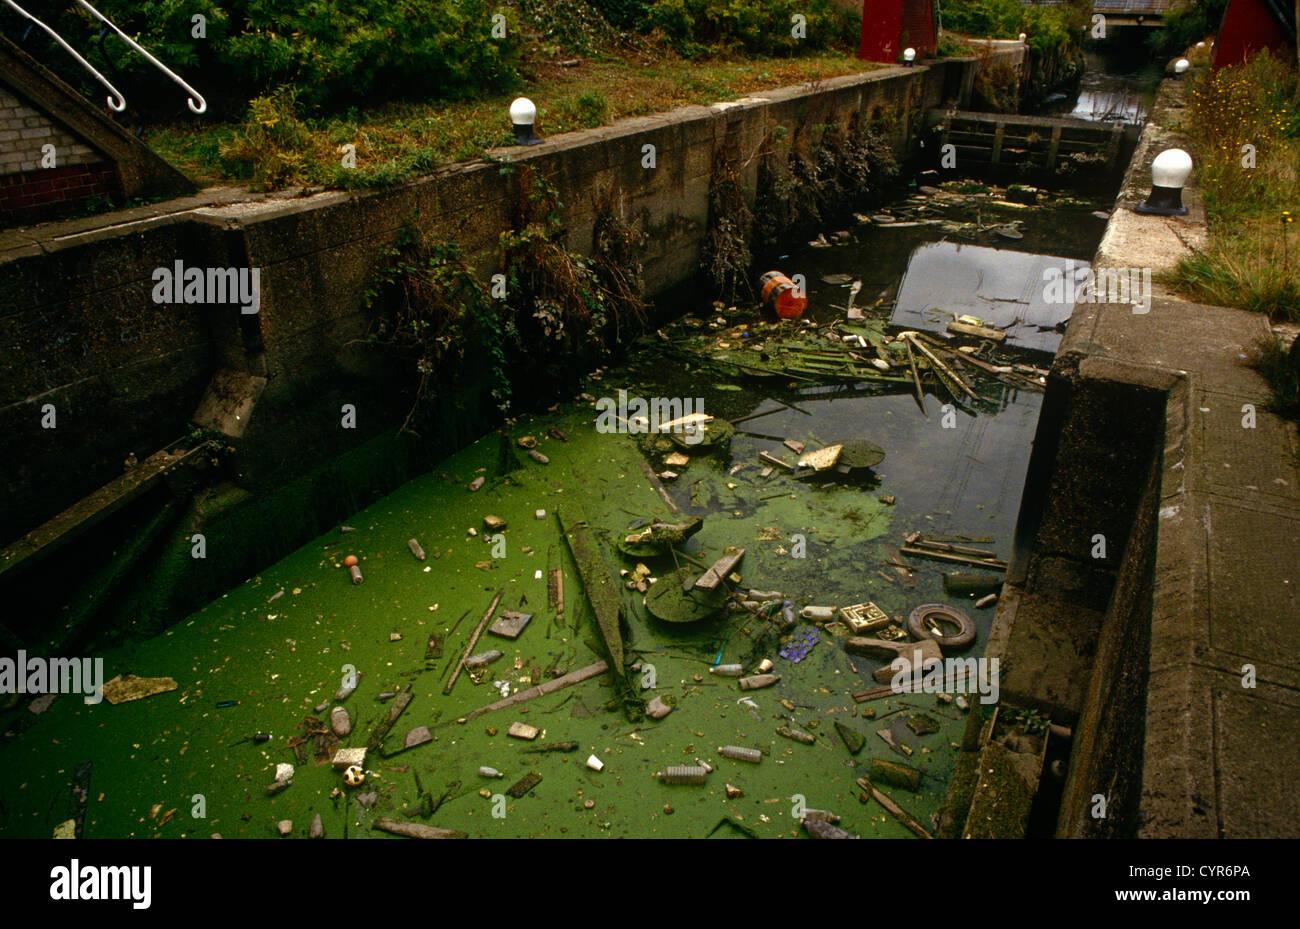 rubbish-and-litter-blocks-the-waterways-